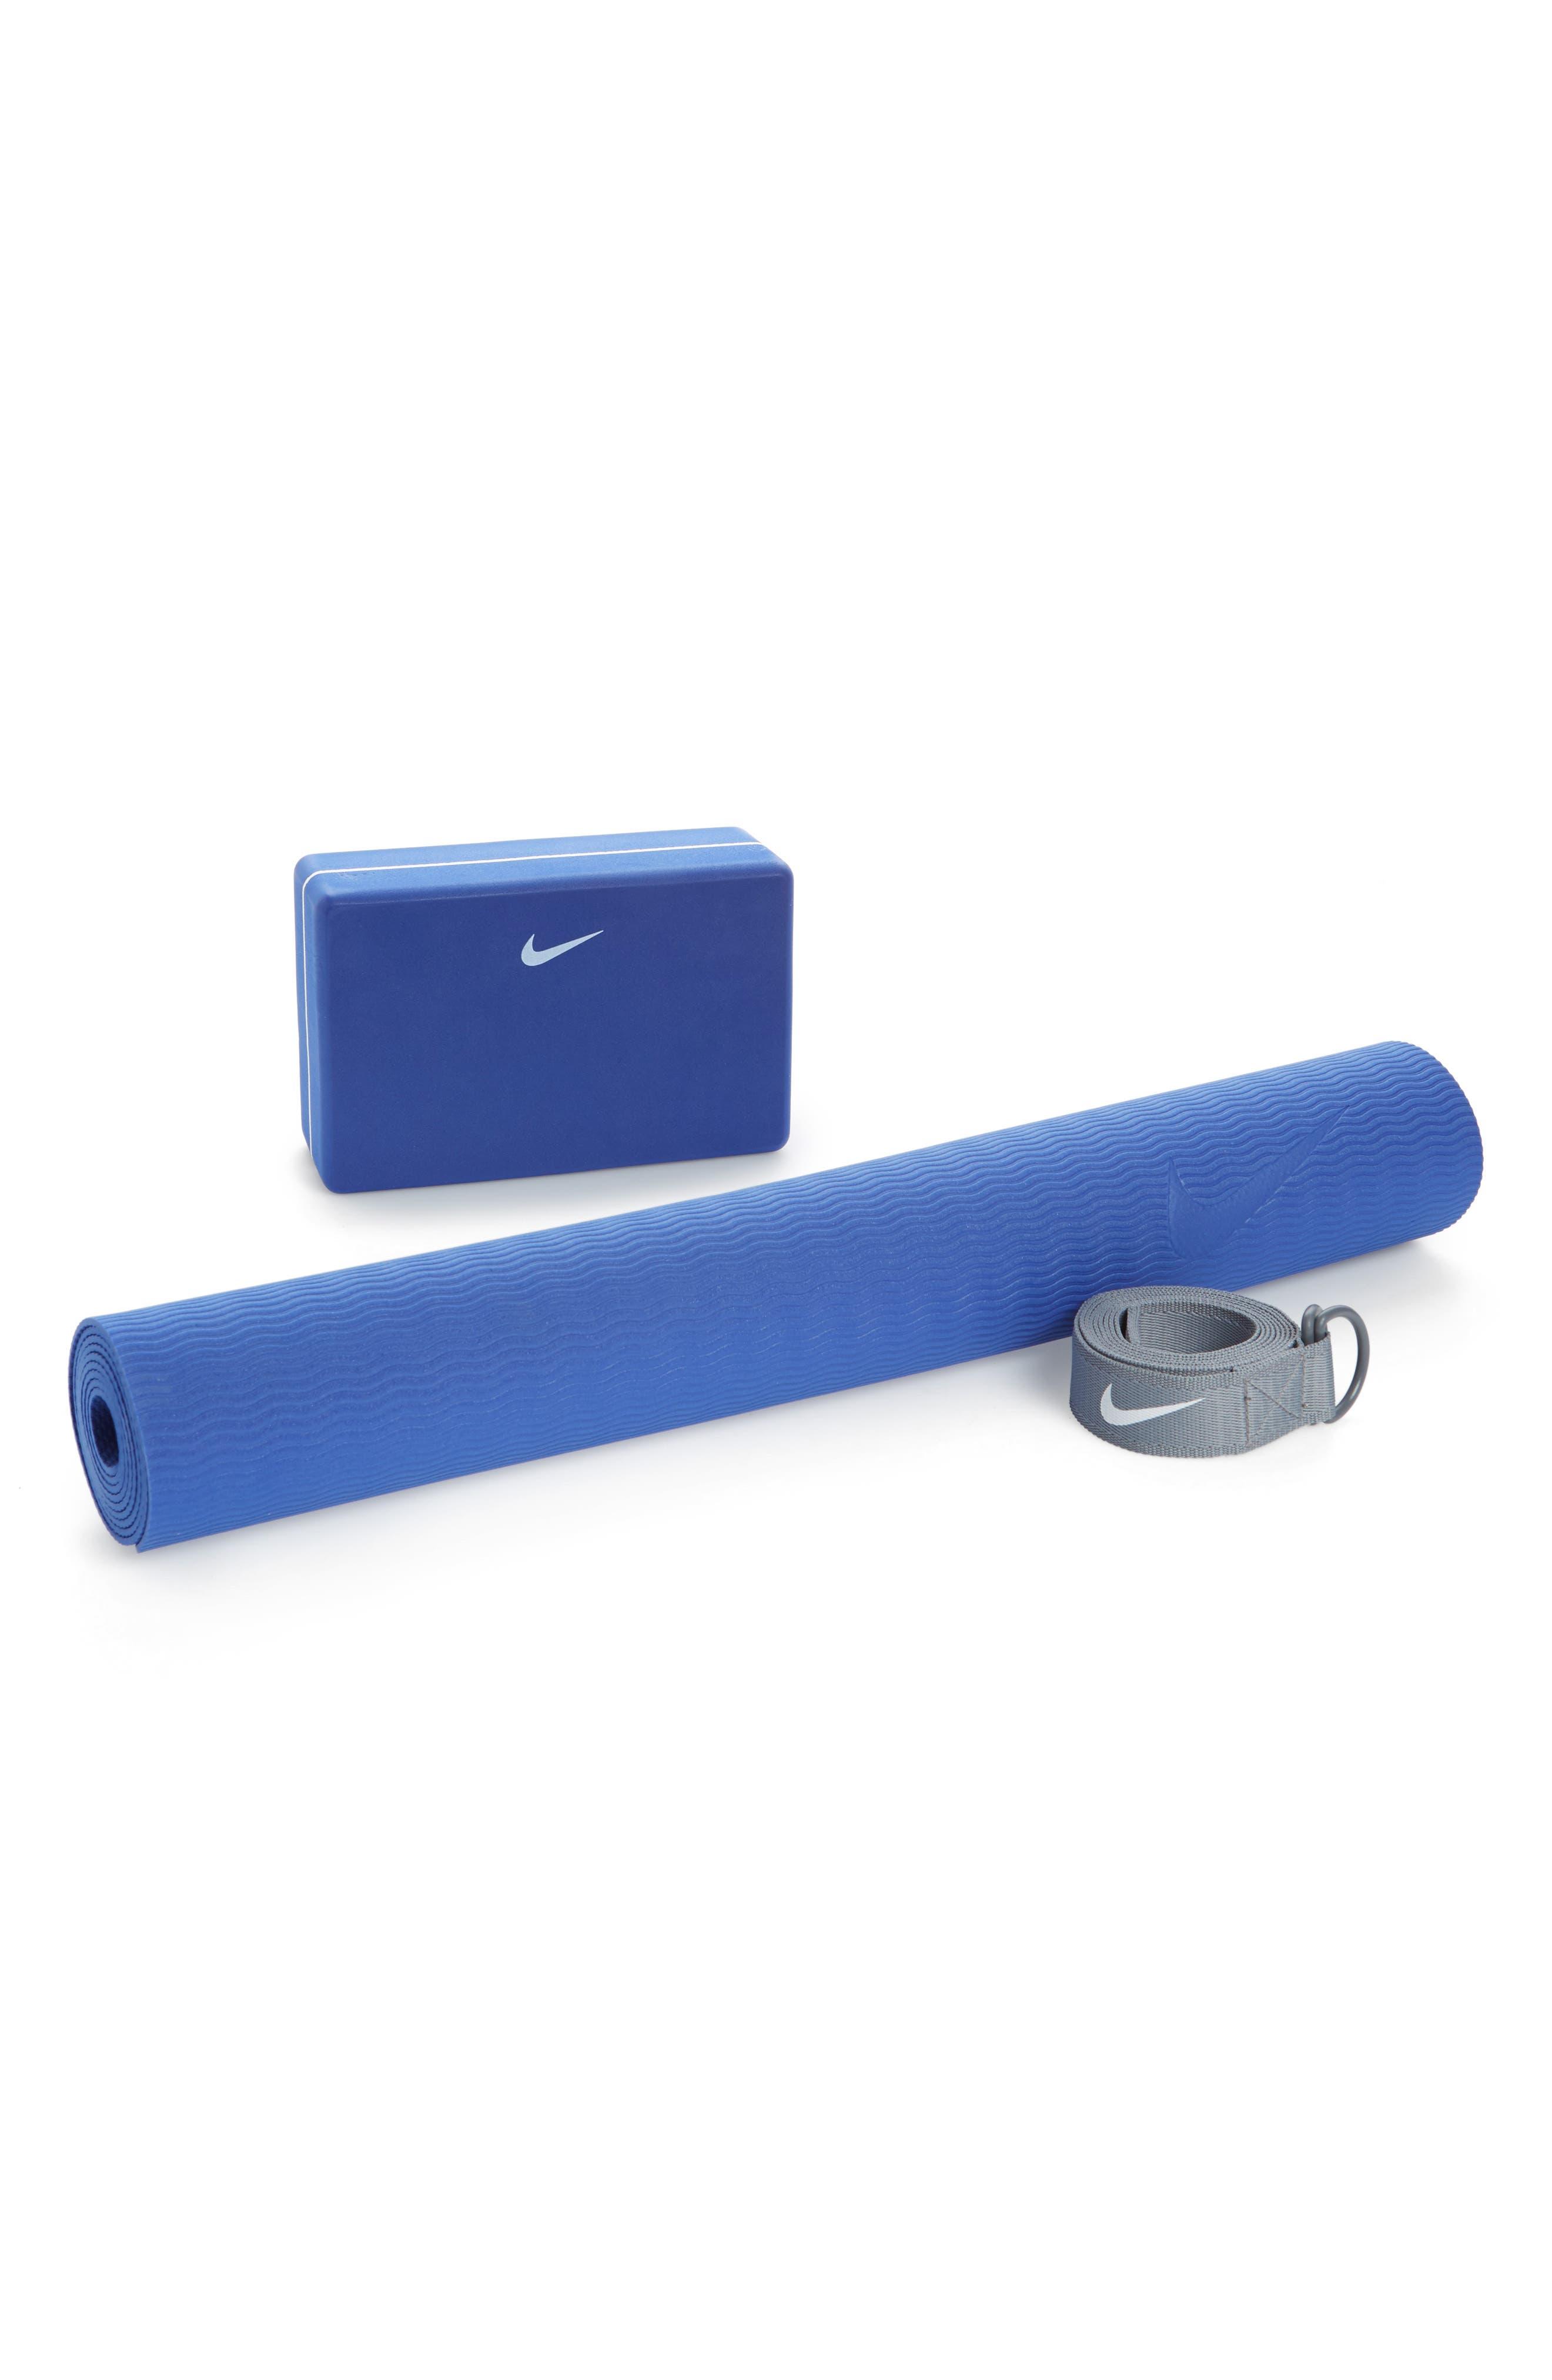 Nike Essential Yoga Mat & Block